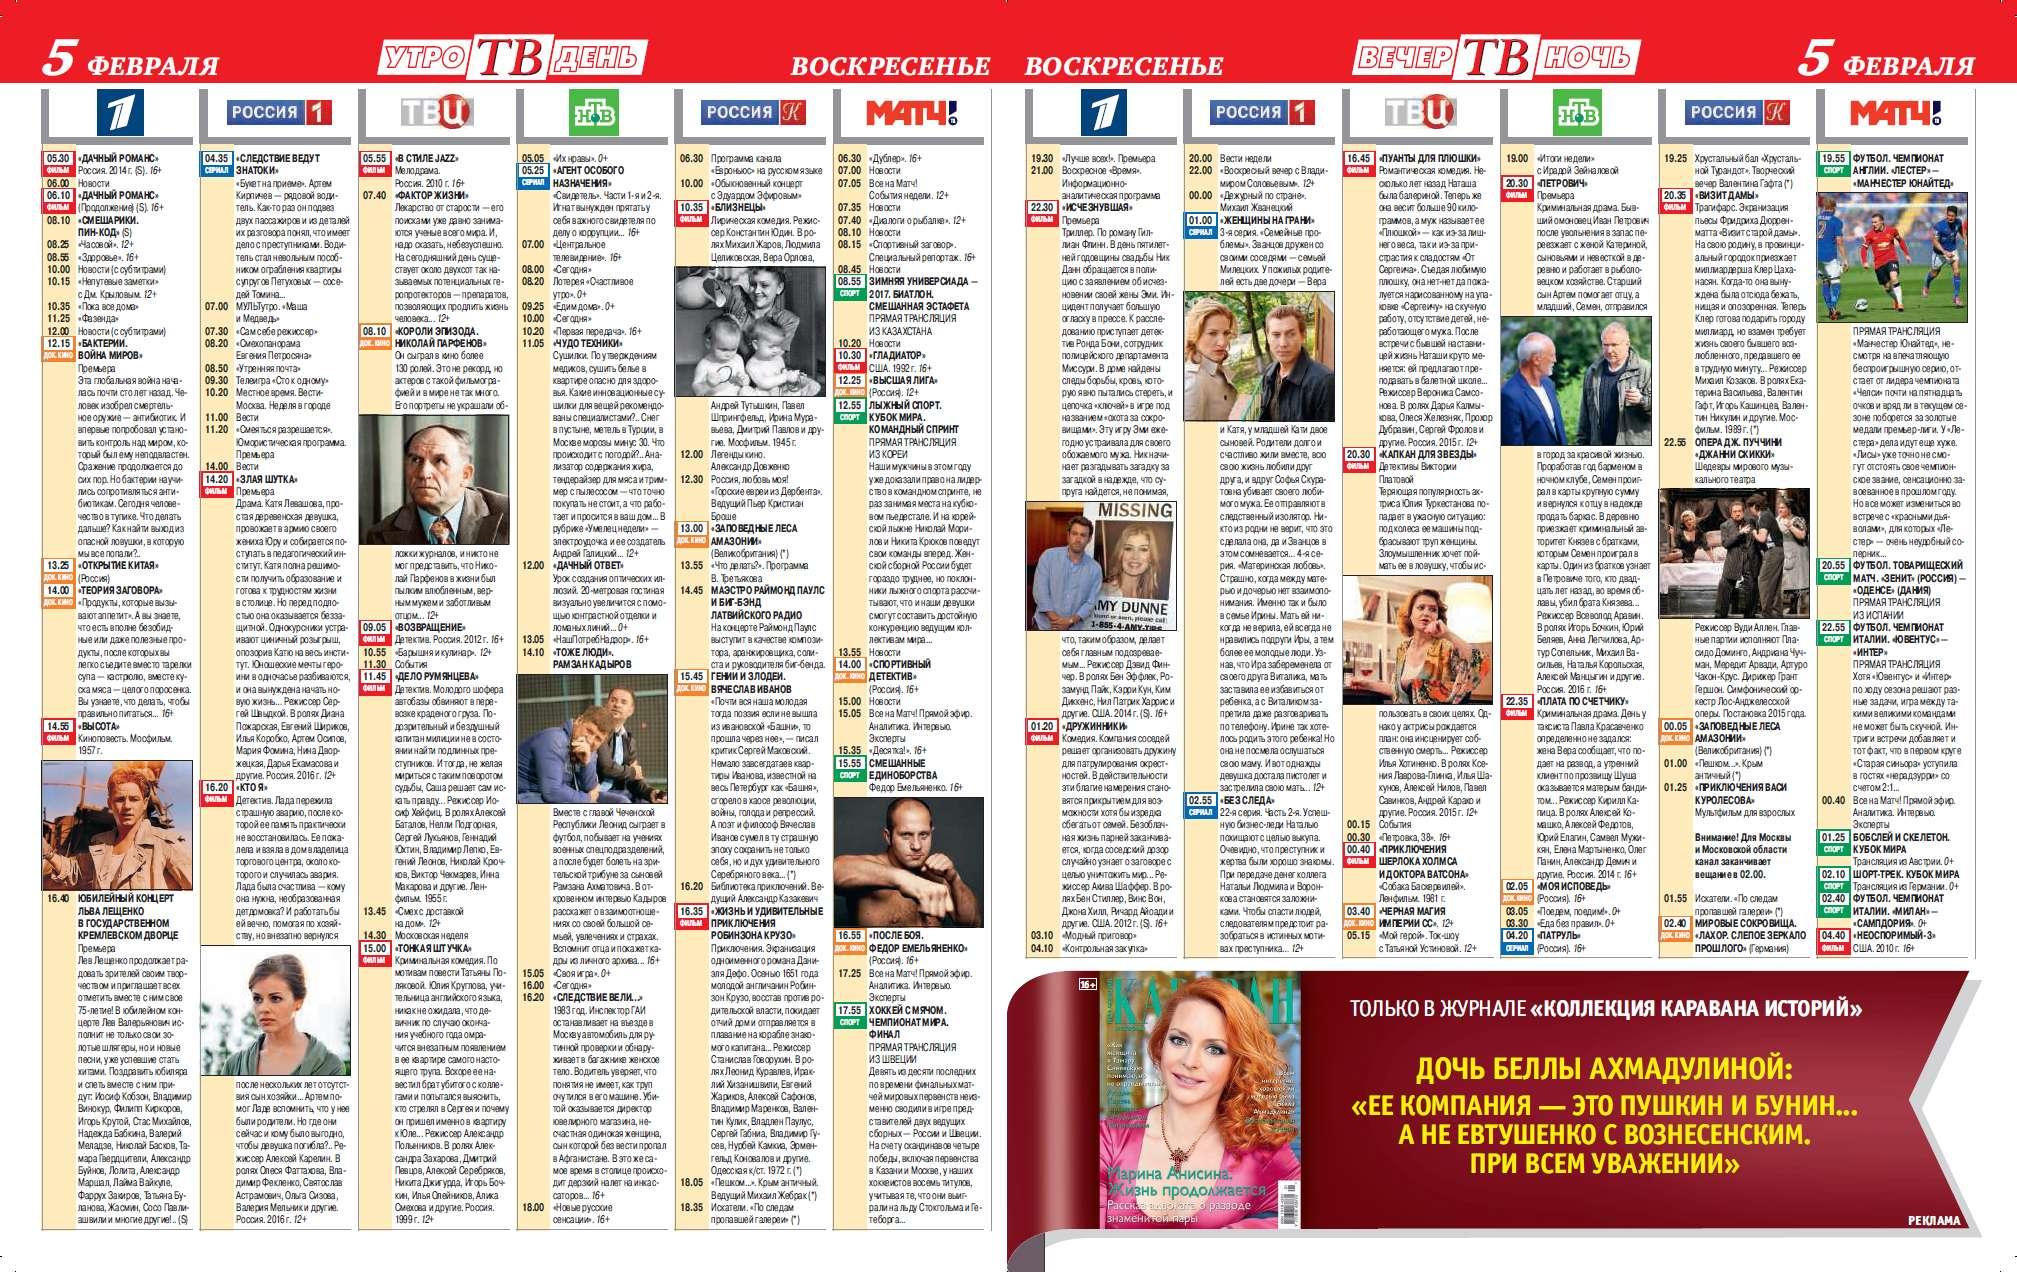 Групповой Секс С Джулианной Мур, Дженнифер Гибсон И Сарой Гадон – Звездная Карта (2014)